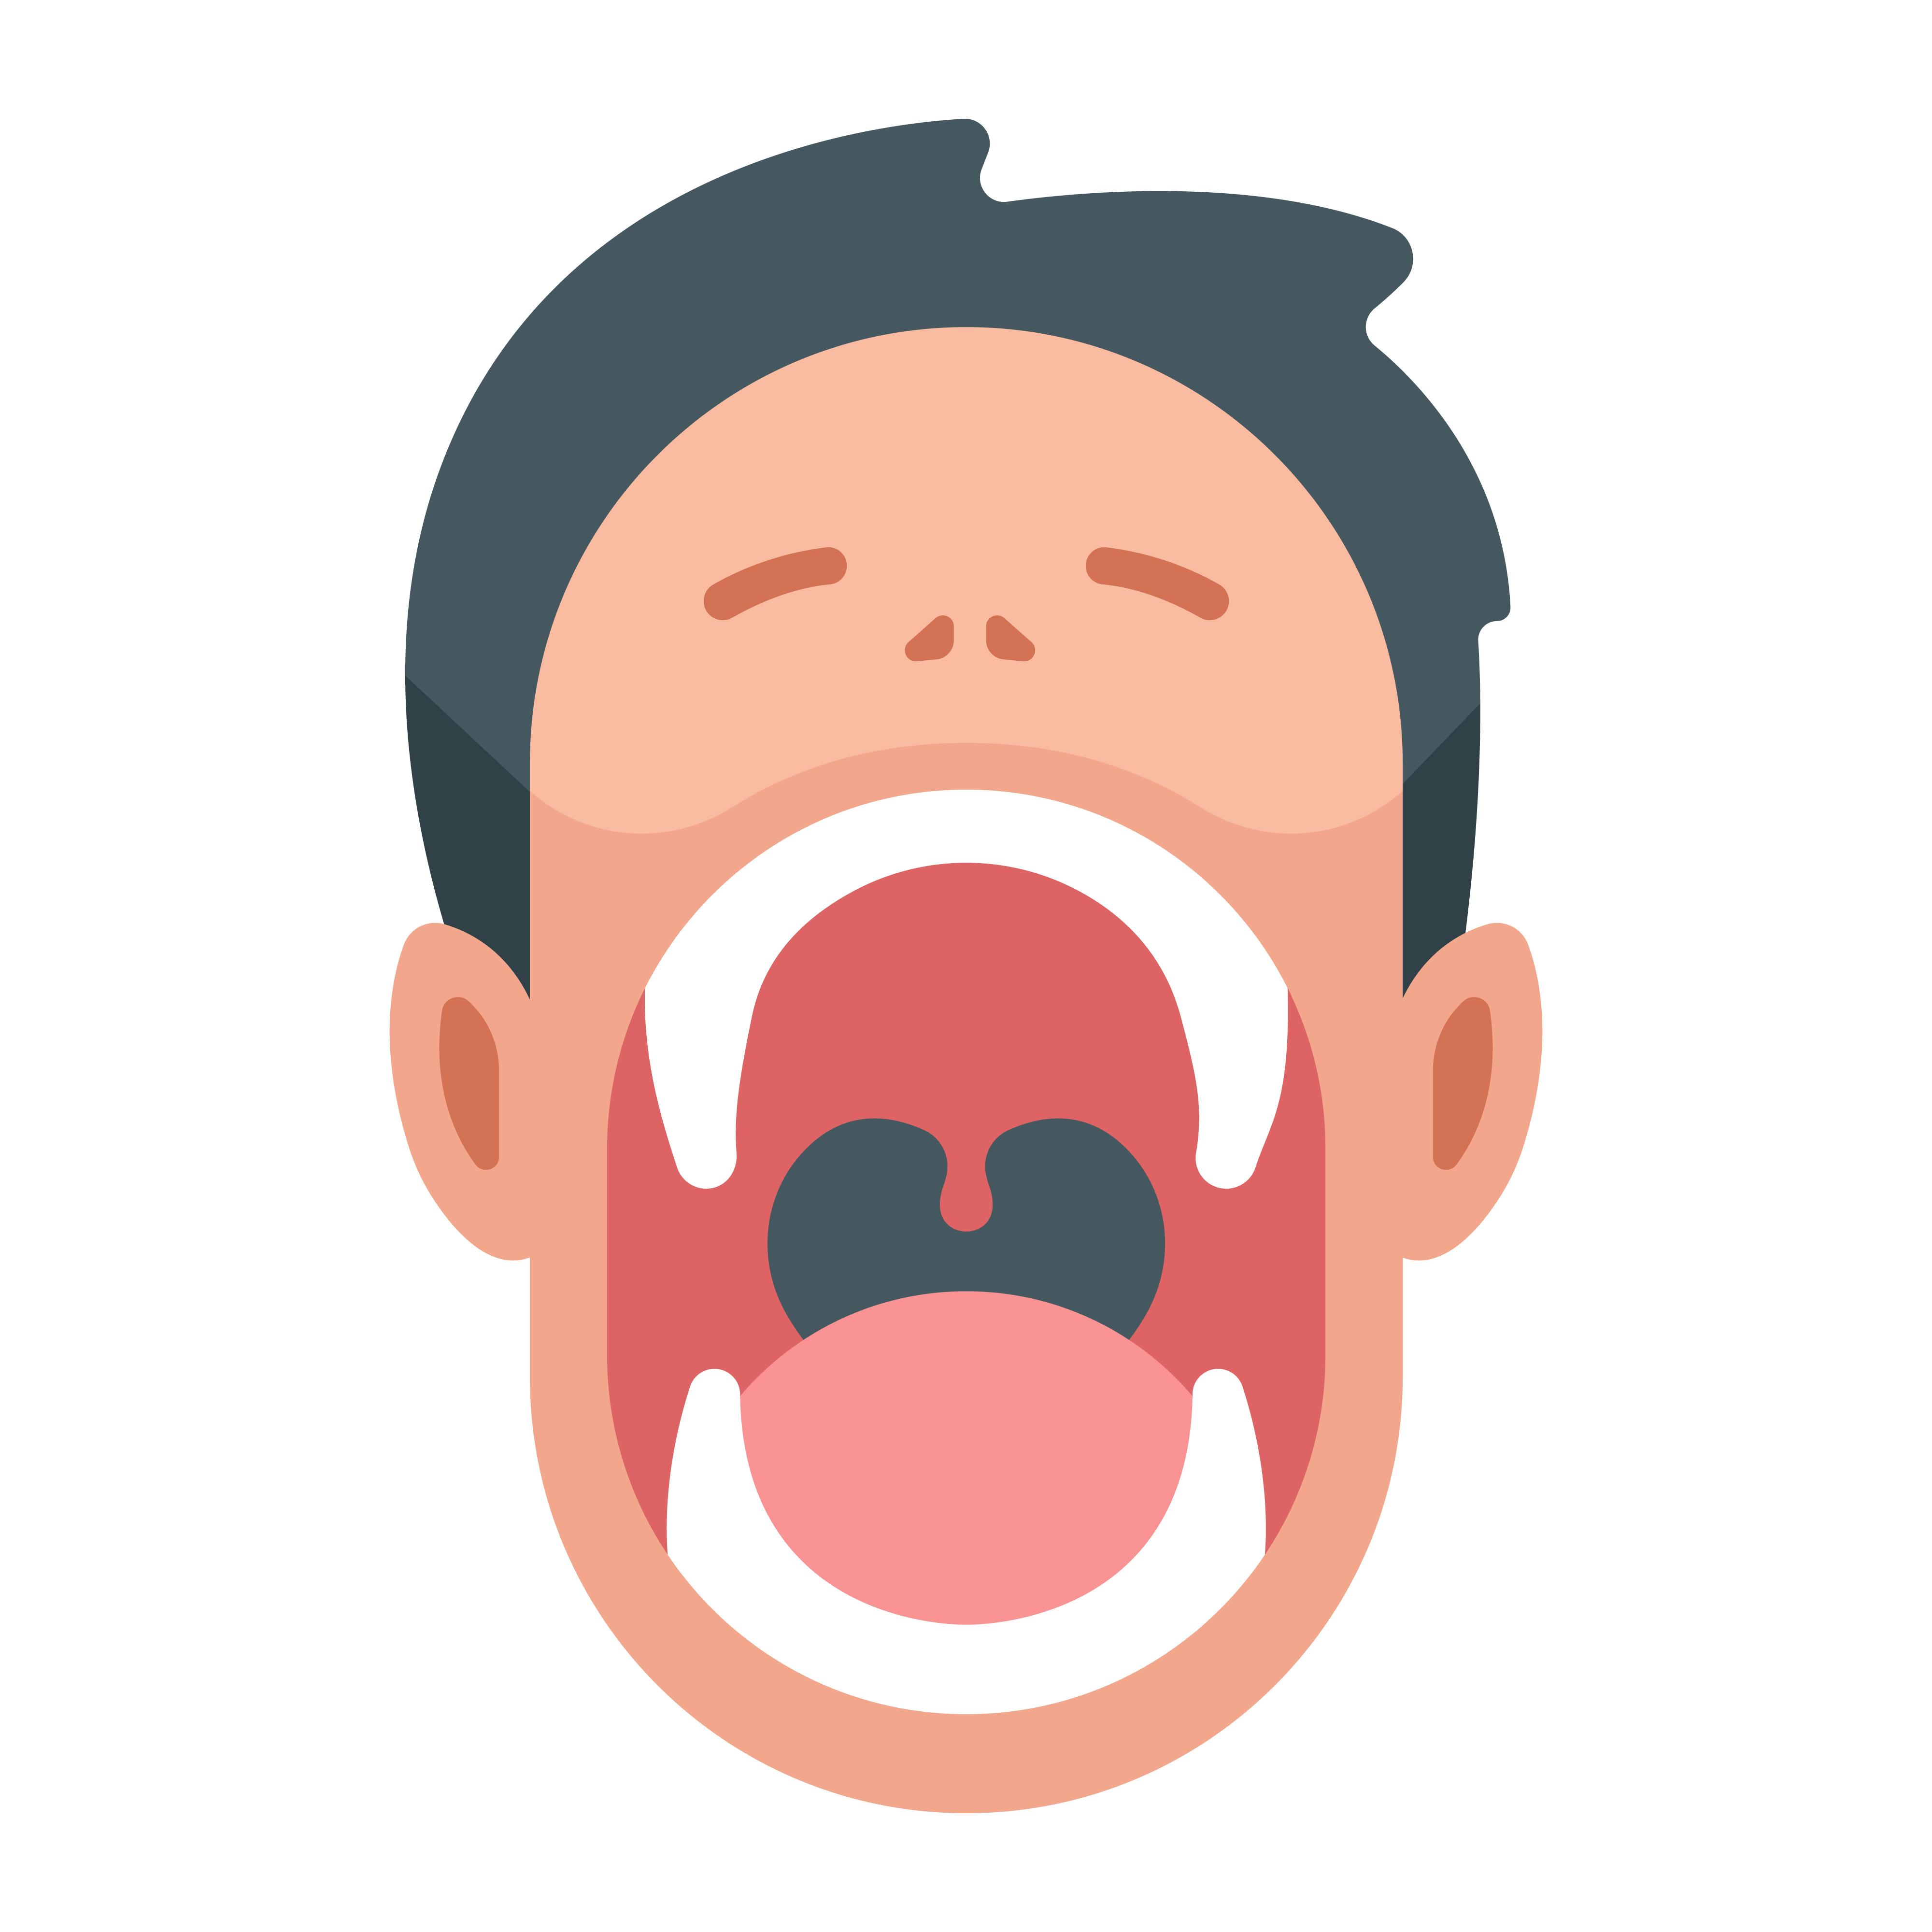 Картинка открытый рот ребенка